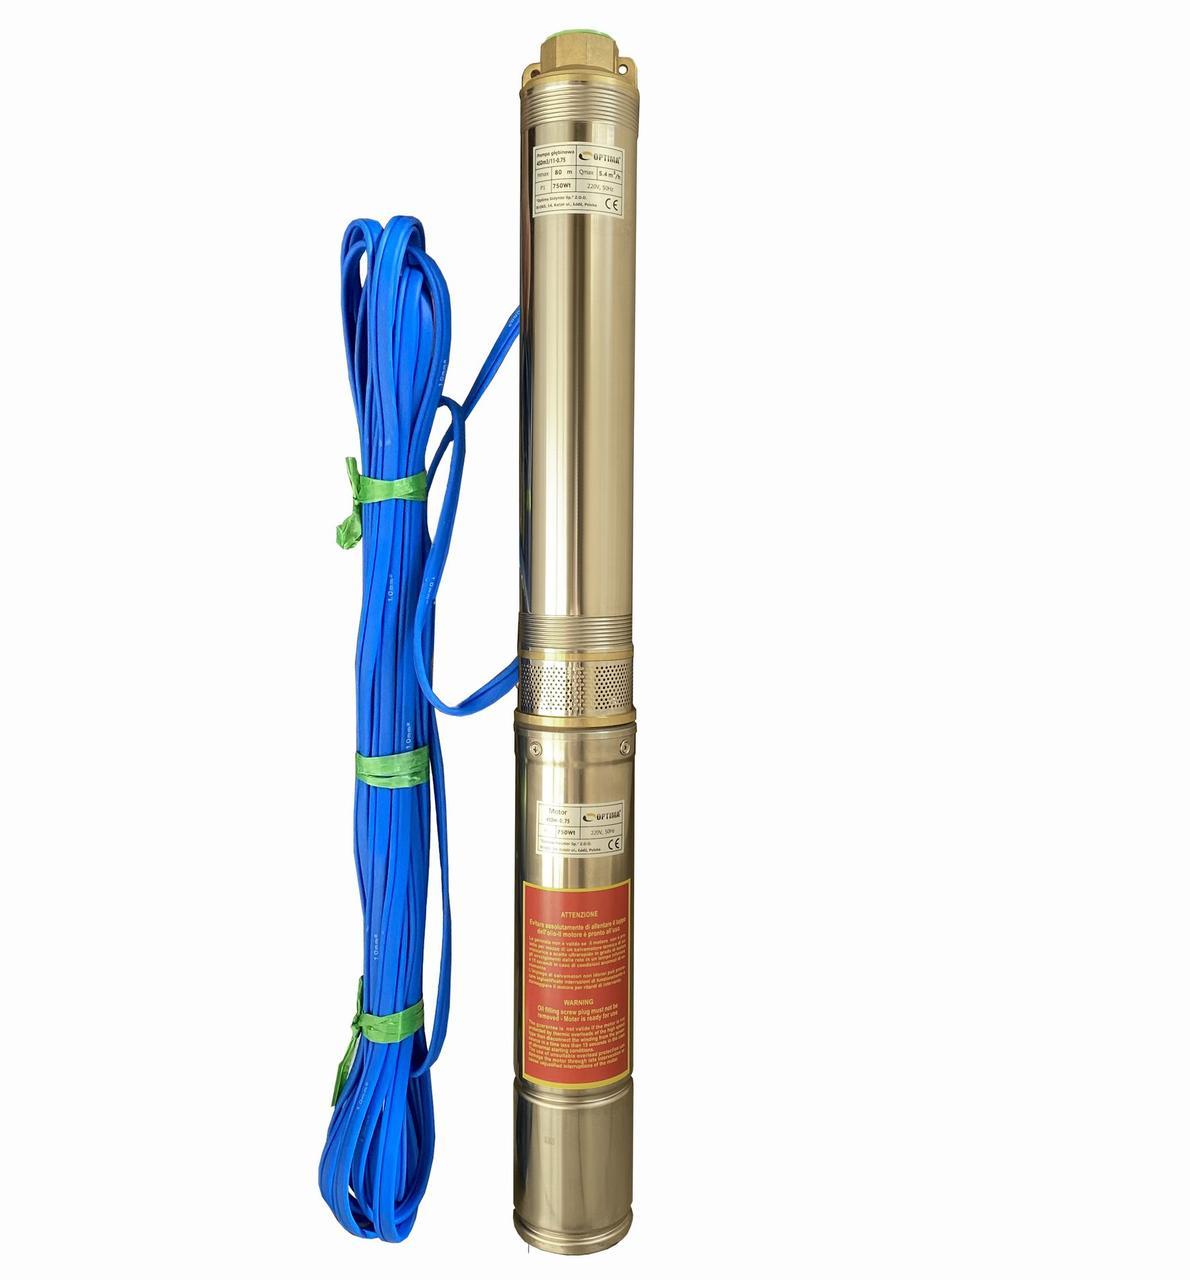 Насос скважинный центробежный Optima 4SDm3/11 0,75 кВт 80 м + пульт